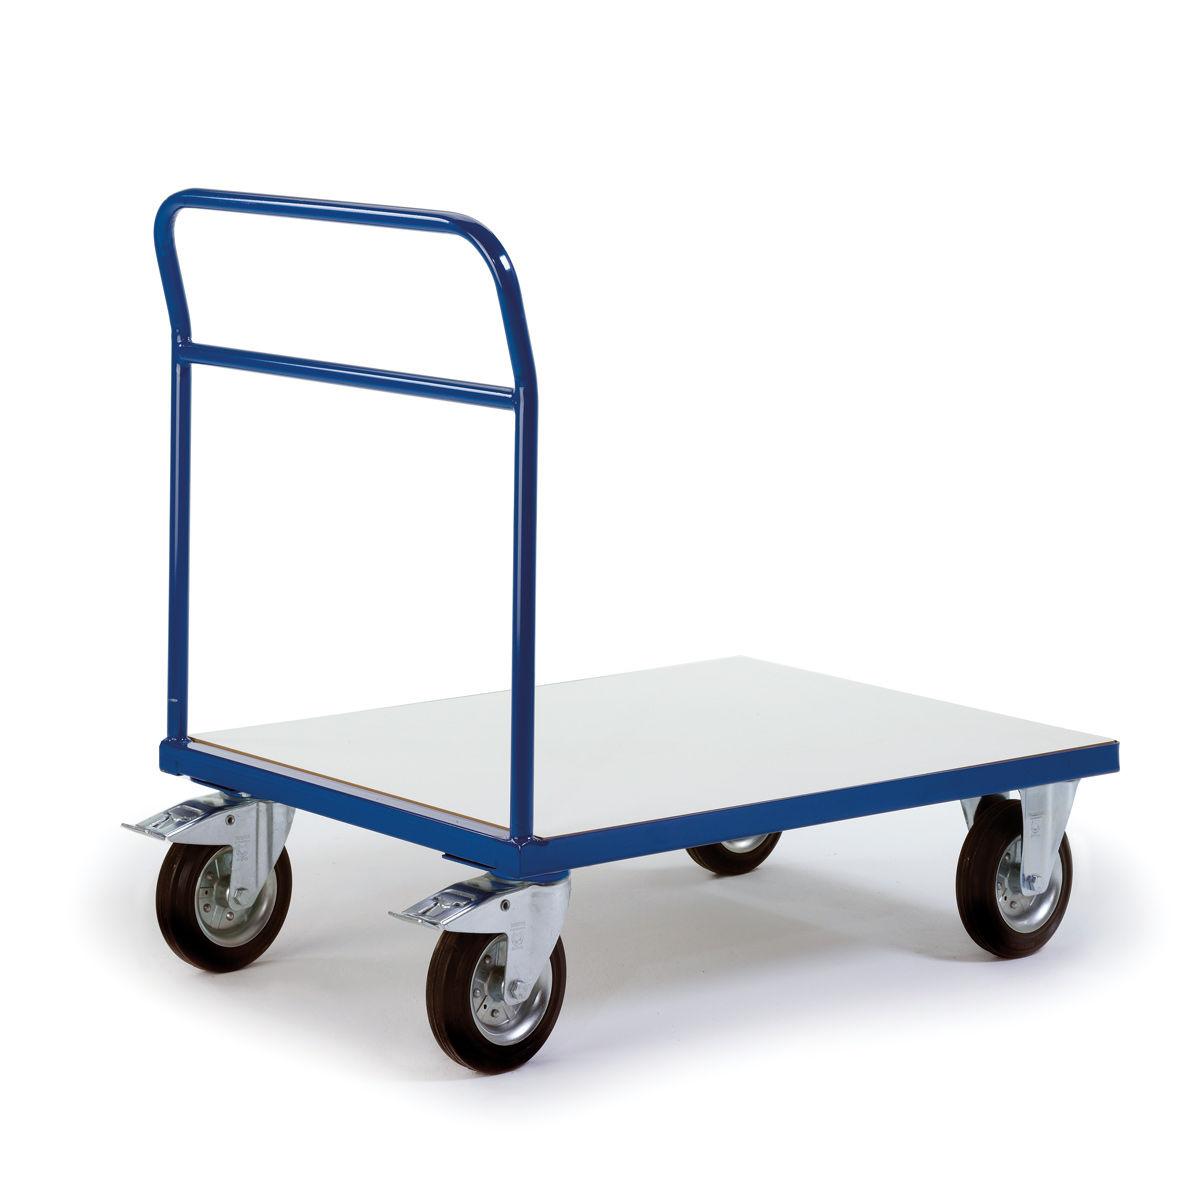 Carros de transporte esd for Coches con silla para carro